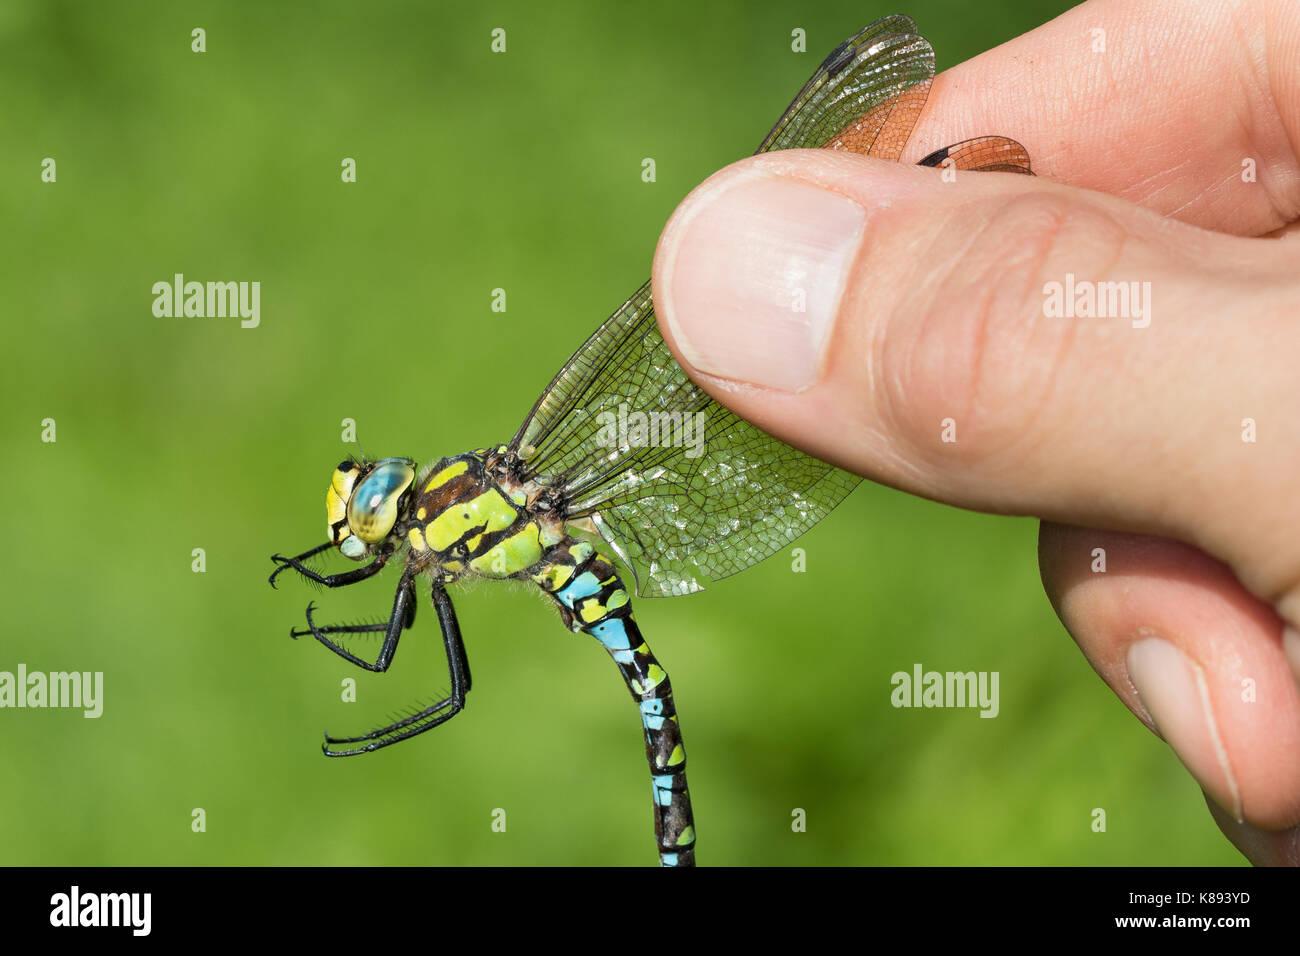 Libellen-Bestimmung, gefangene Libelle wird vorsichtig zwischen zwei Fingern gehalten, Entomologie, Biologie, Zoologie, Stockbild